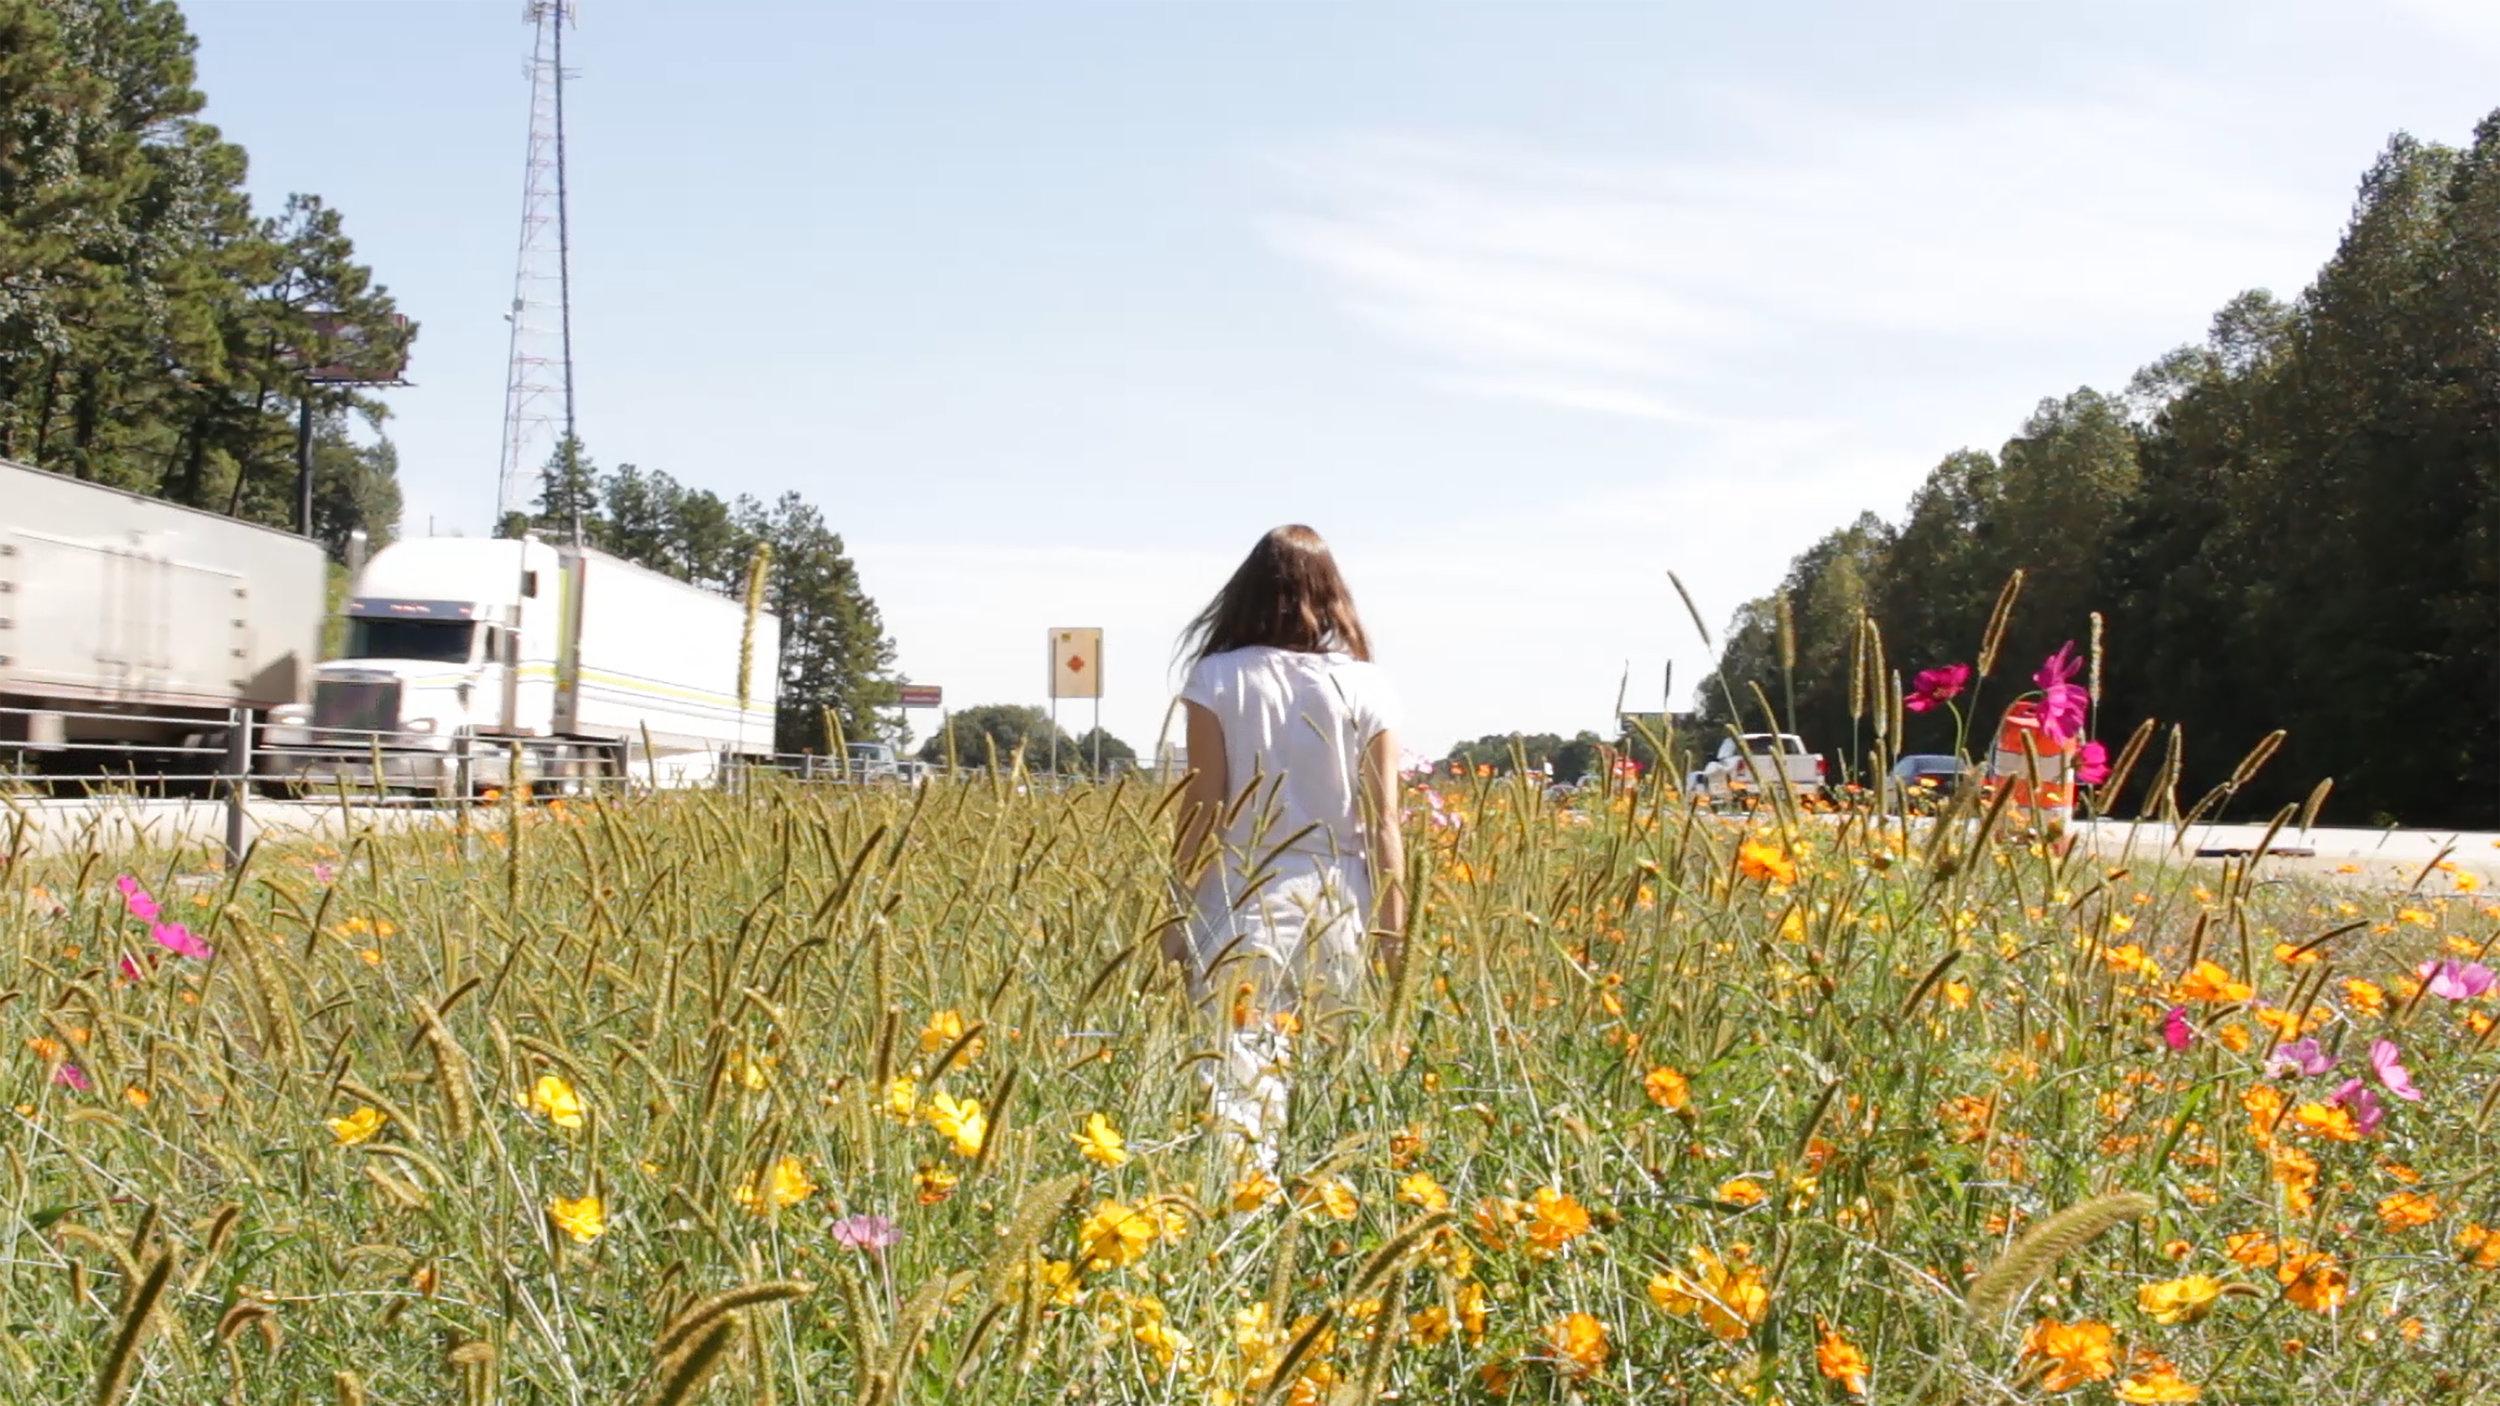 walk in the flowers still.jpg